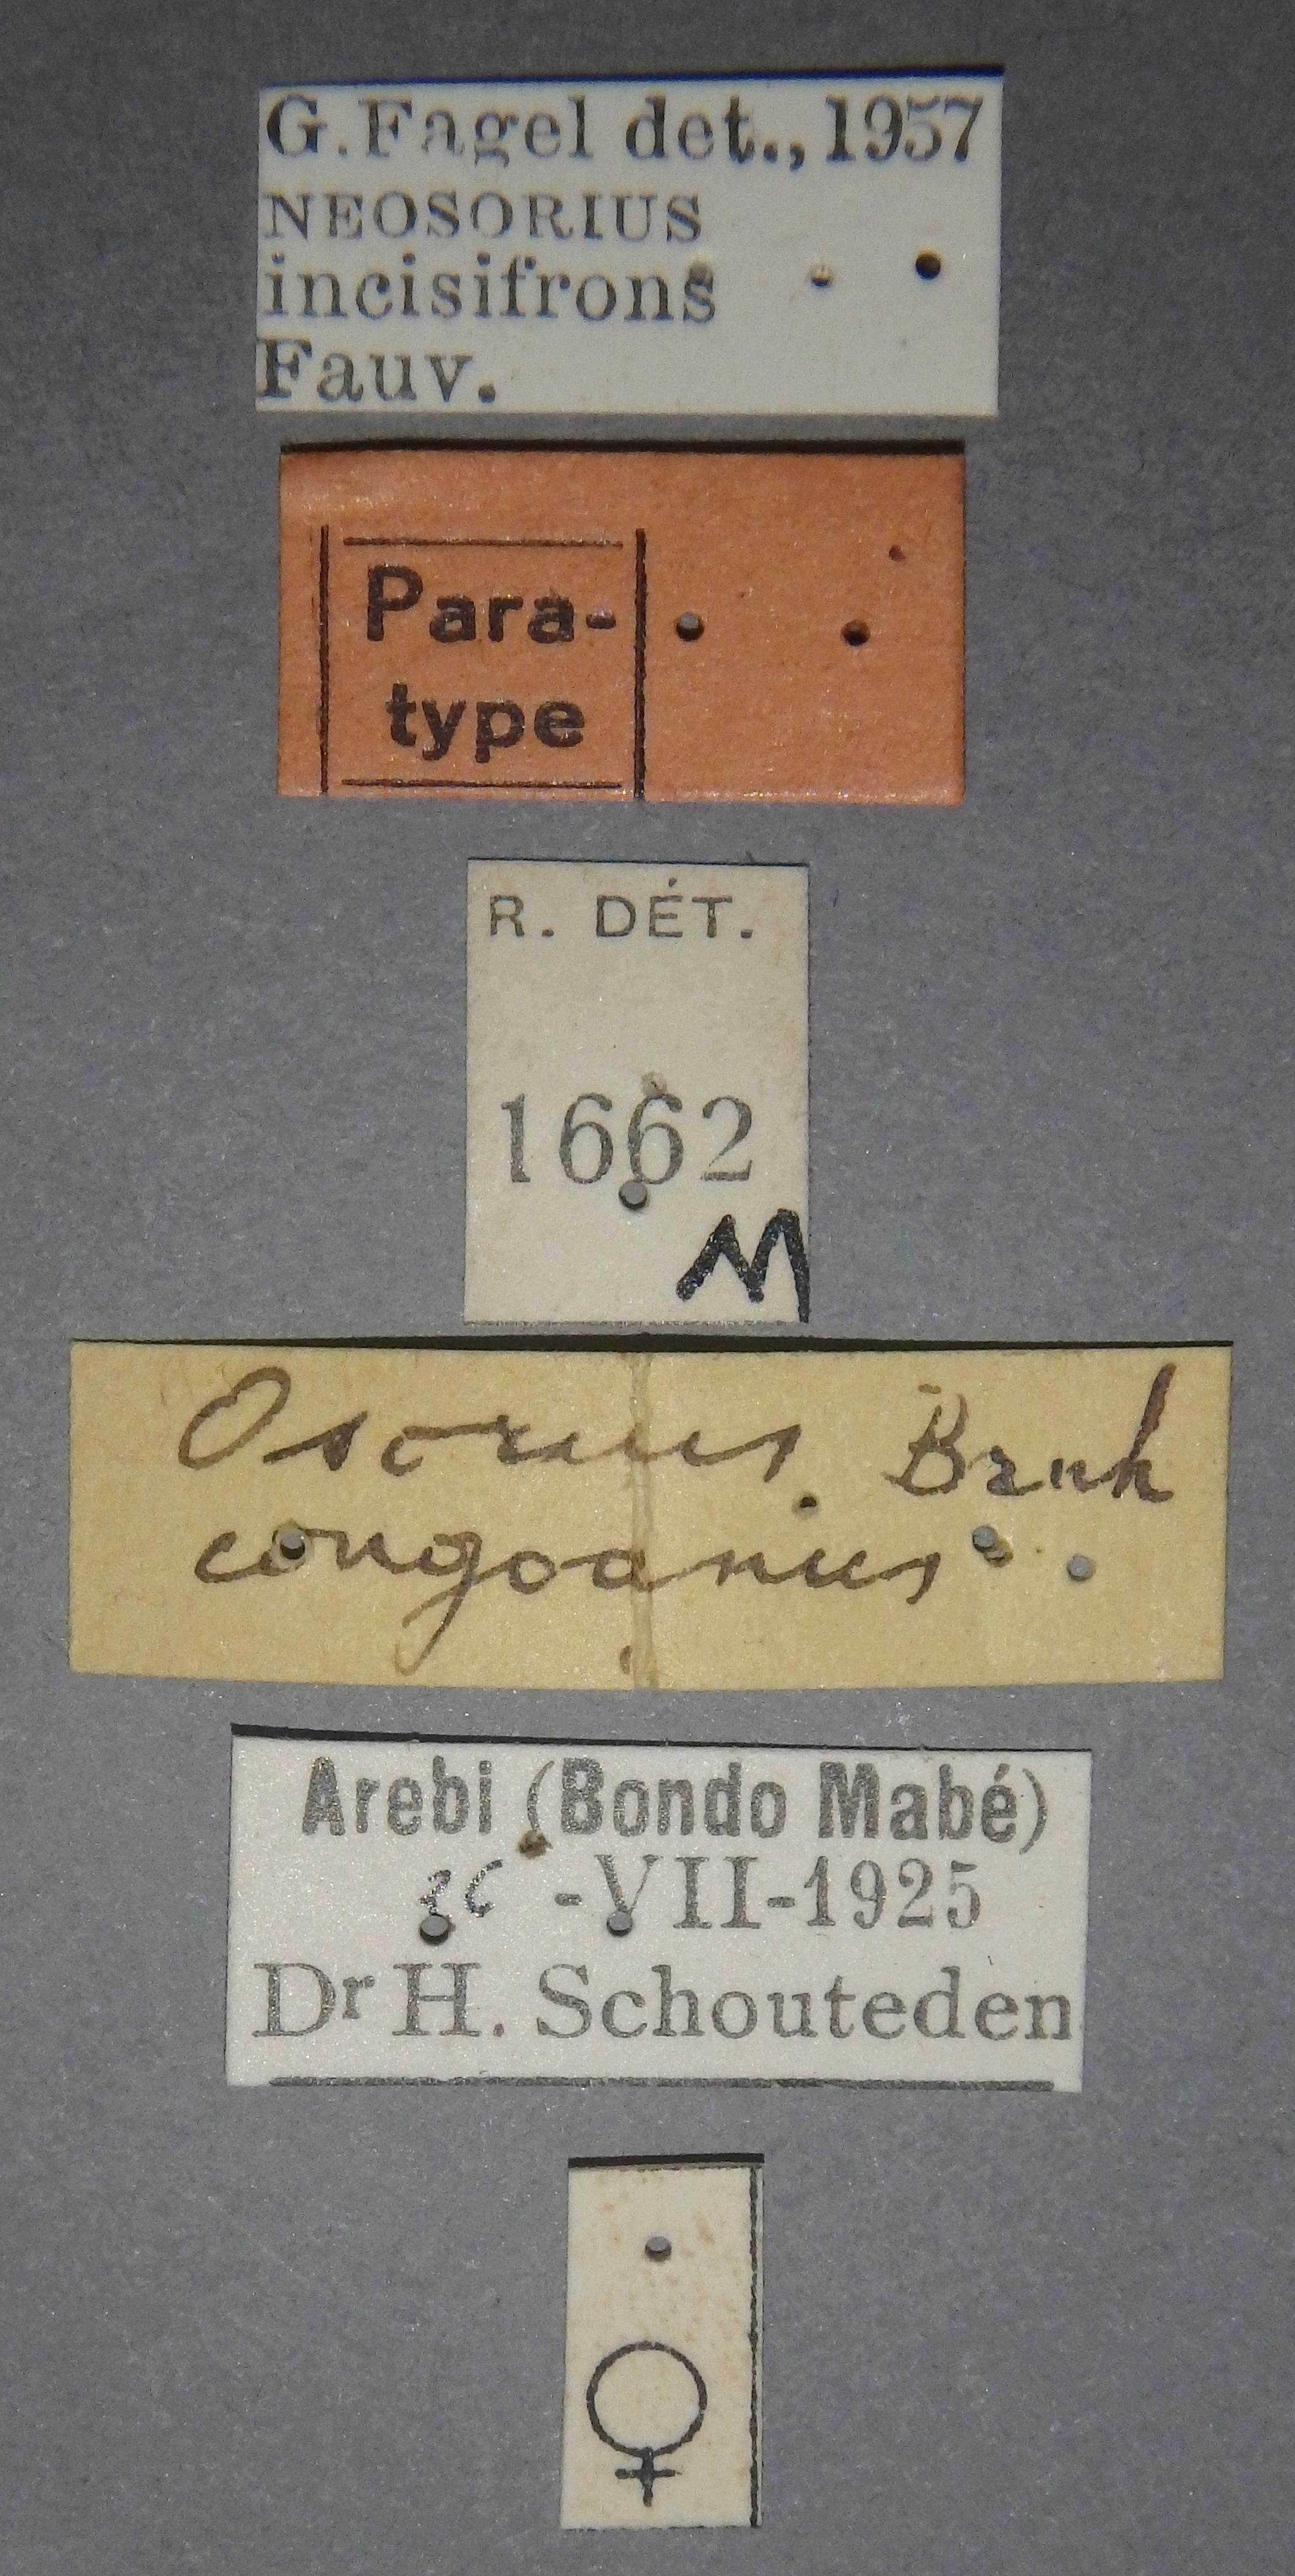 Osorius congoanus pt Lb.JPG